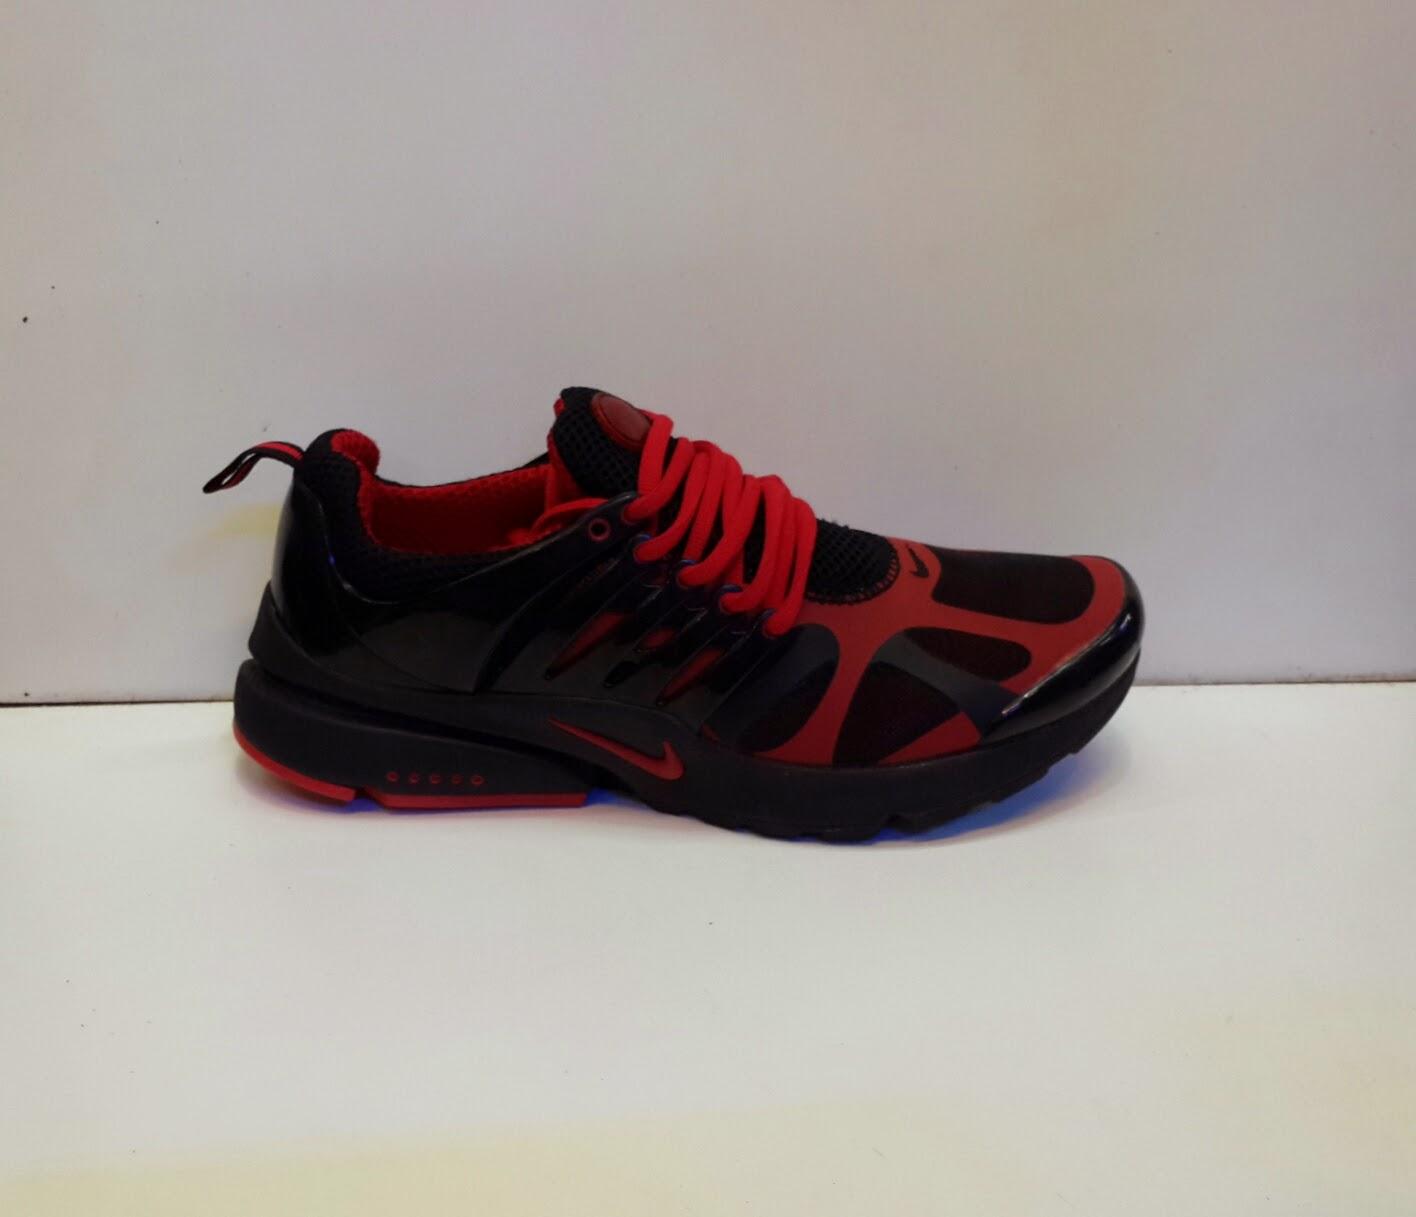 Nike presto murah, foto nike terbaru